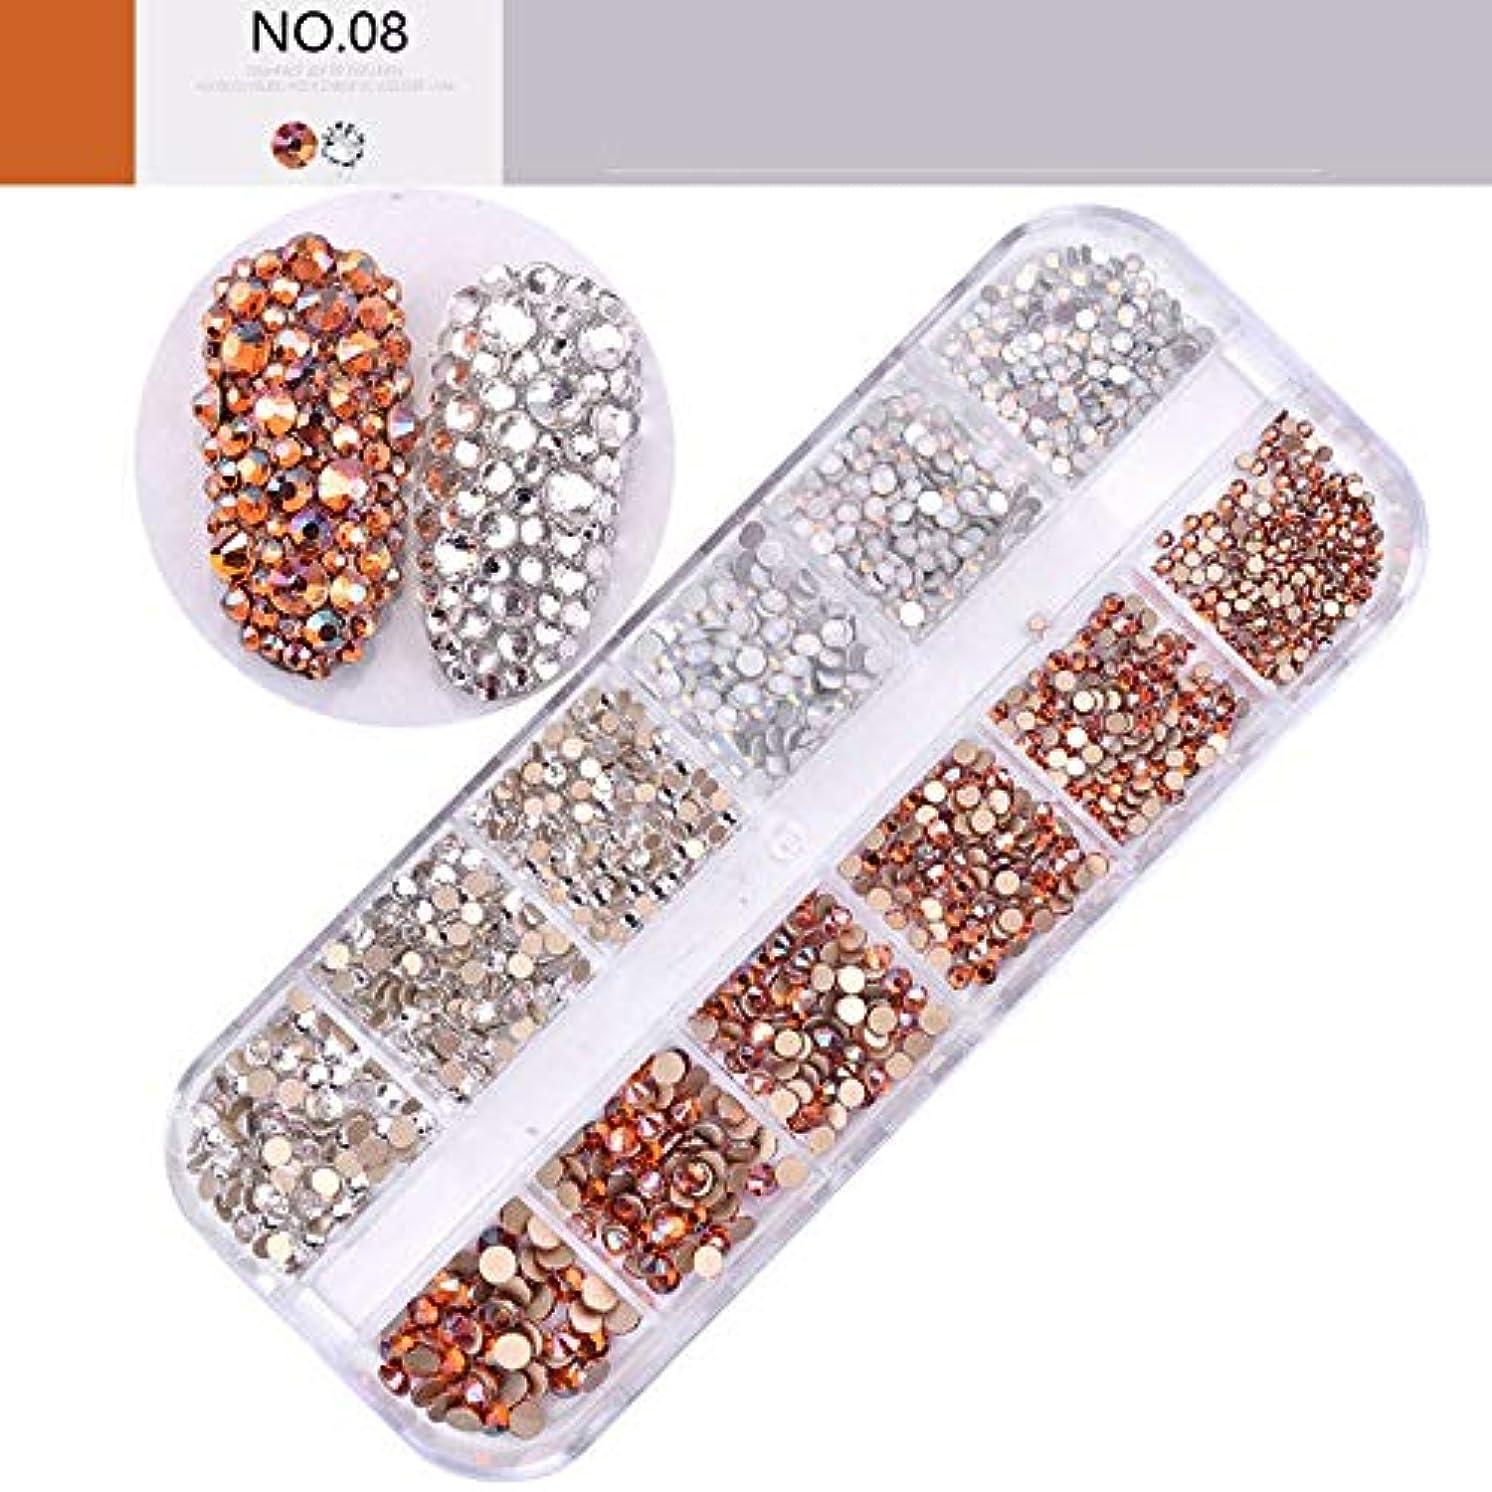 ヘア貝殻スローJiaoran 1セットdiyネイルアートラウンドクリスタルabビーズフラットバックガラスネイルグリッターラインストーンビーズマニキュア装飾ツール (Color : 8)